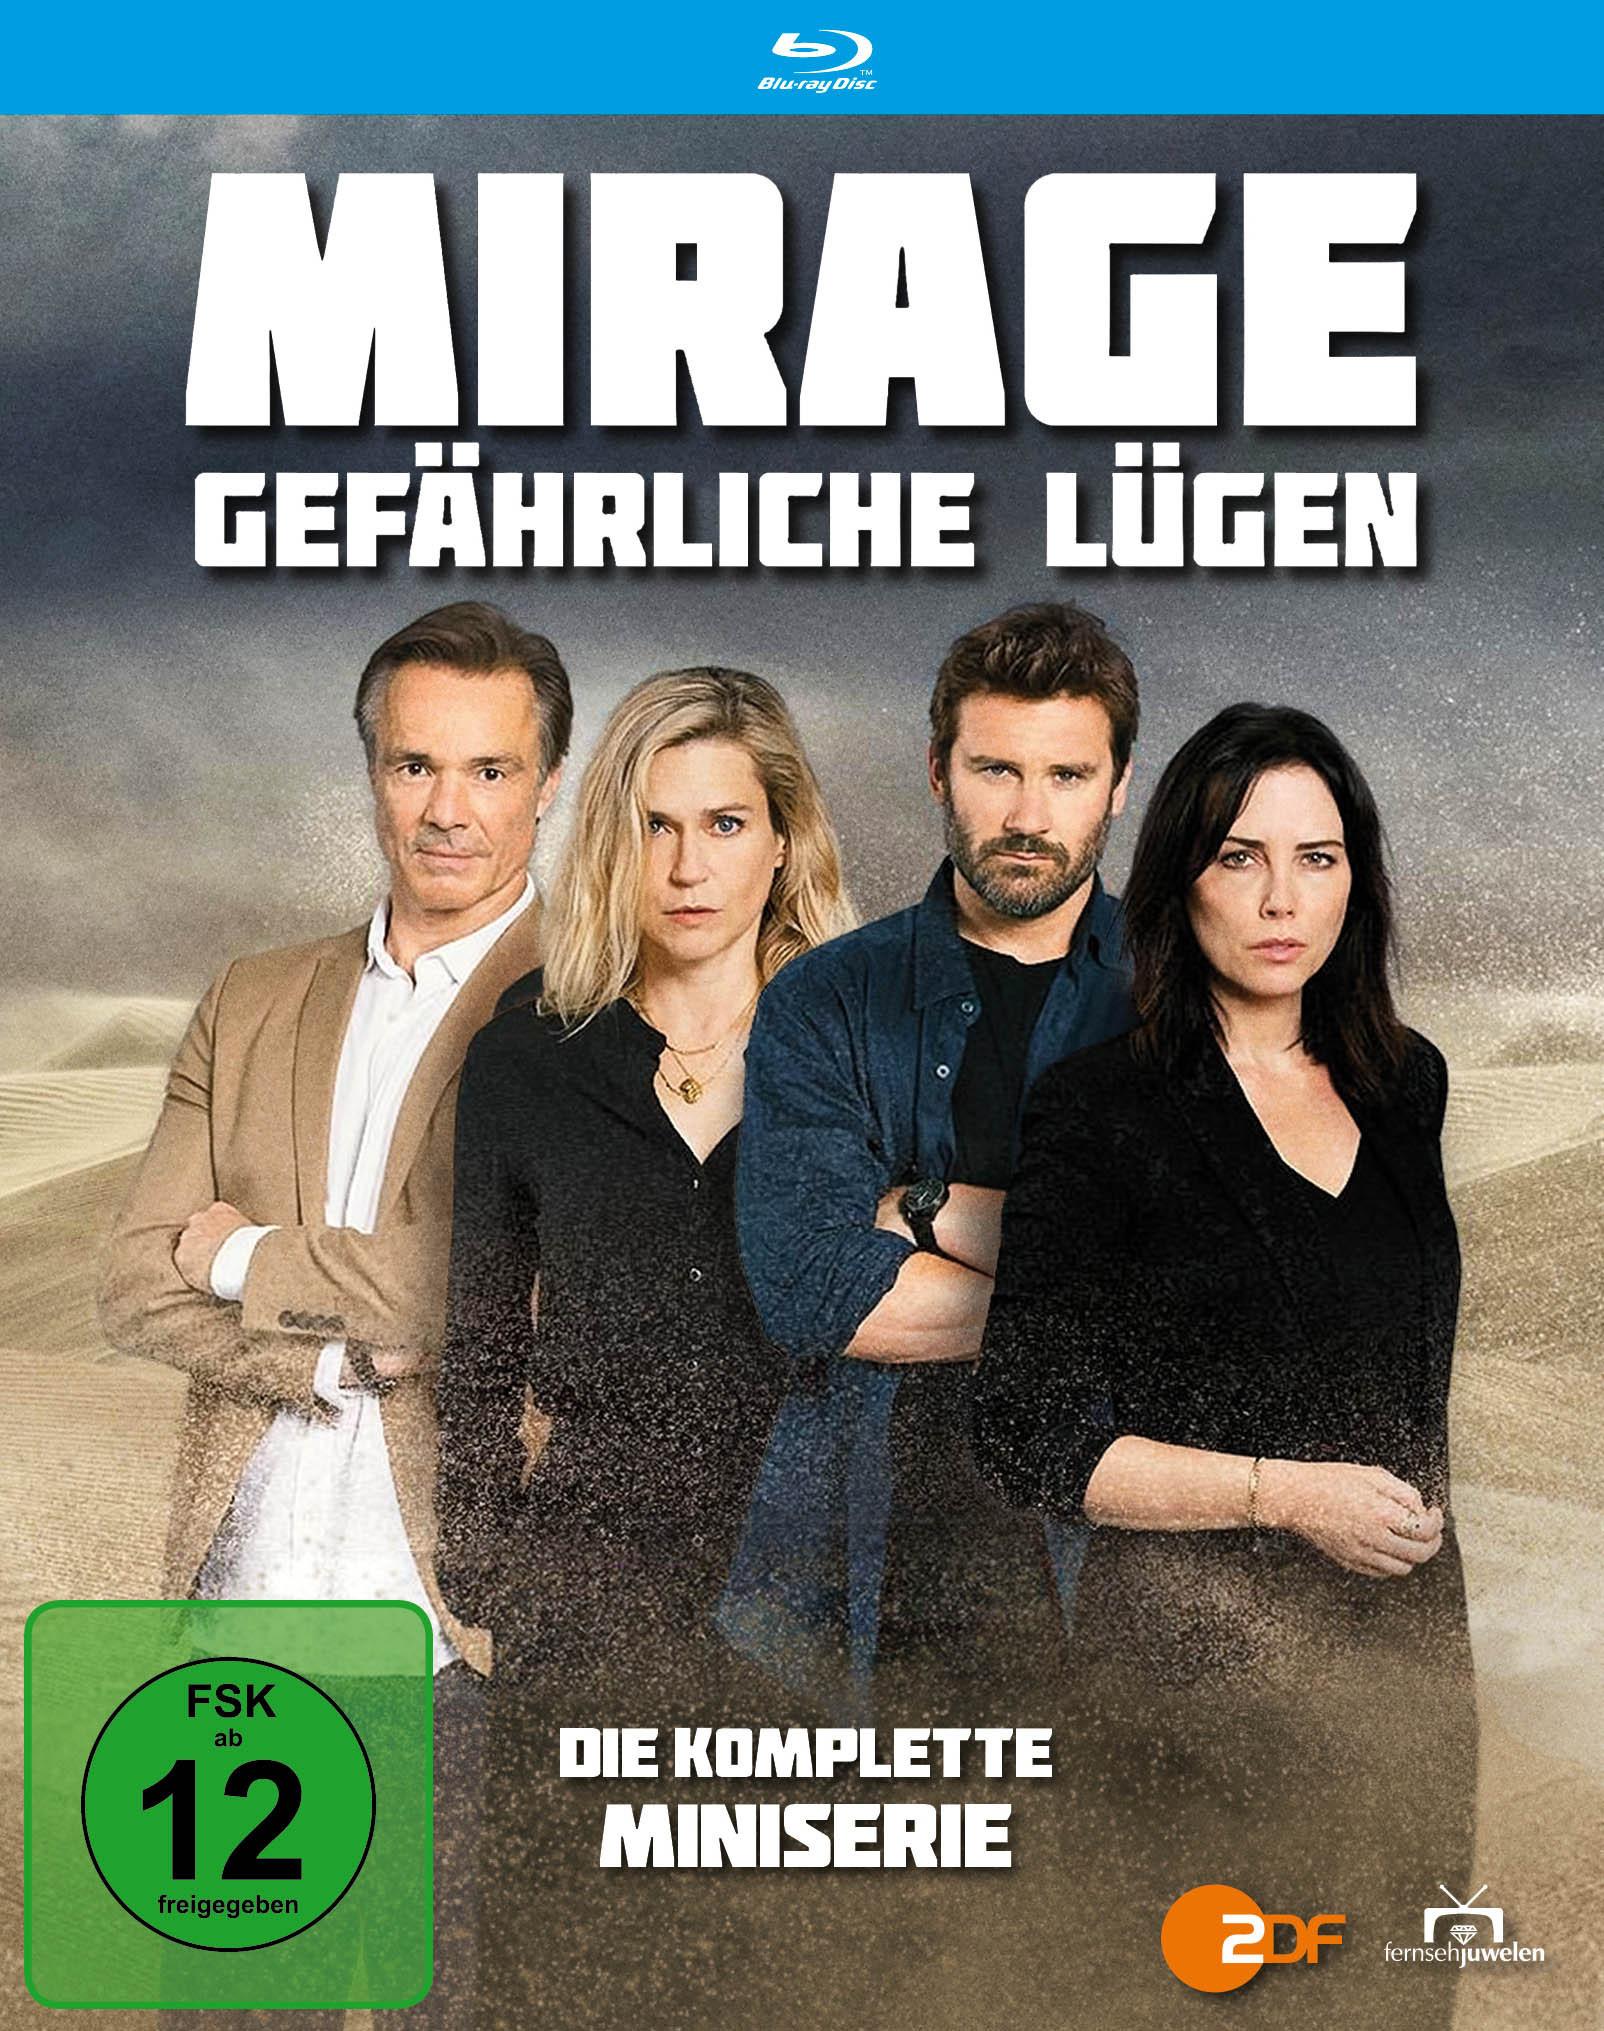 Image of Mirage-Gefaehrliche Lügen-Die Komplette Minis